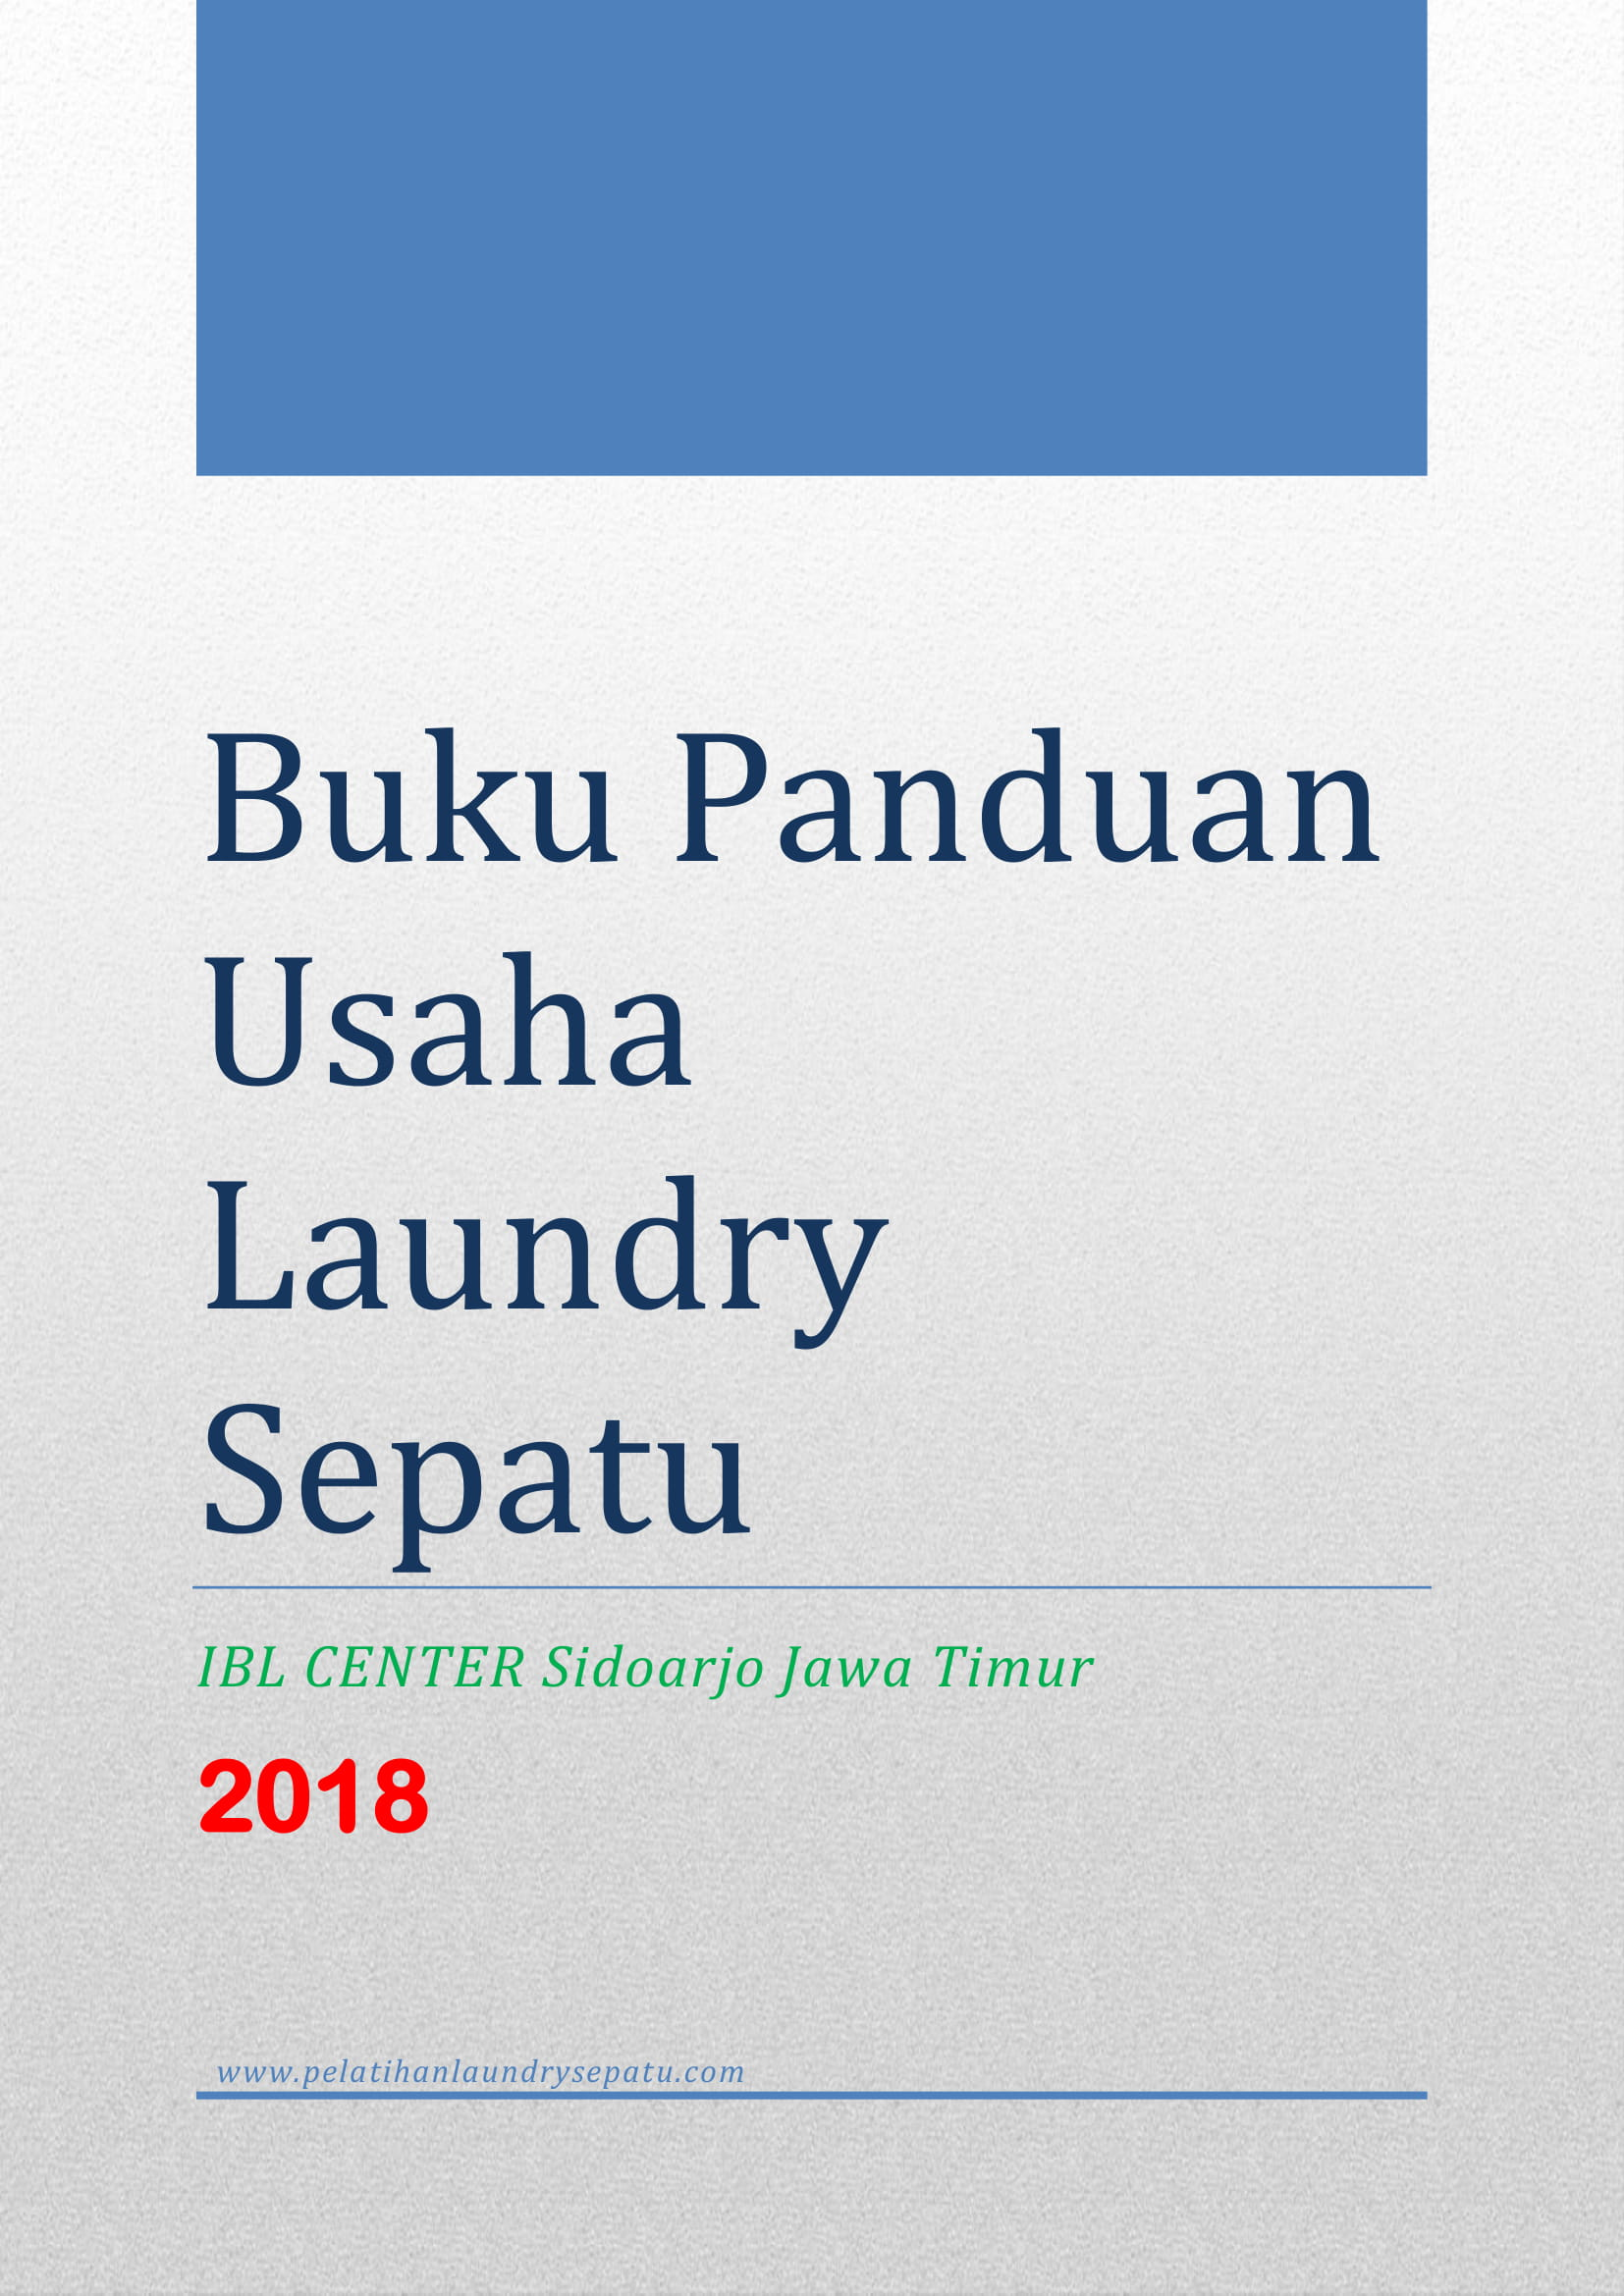 Buku Panduan Usaha Laundry Sepatu